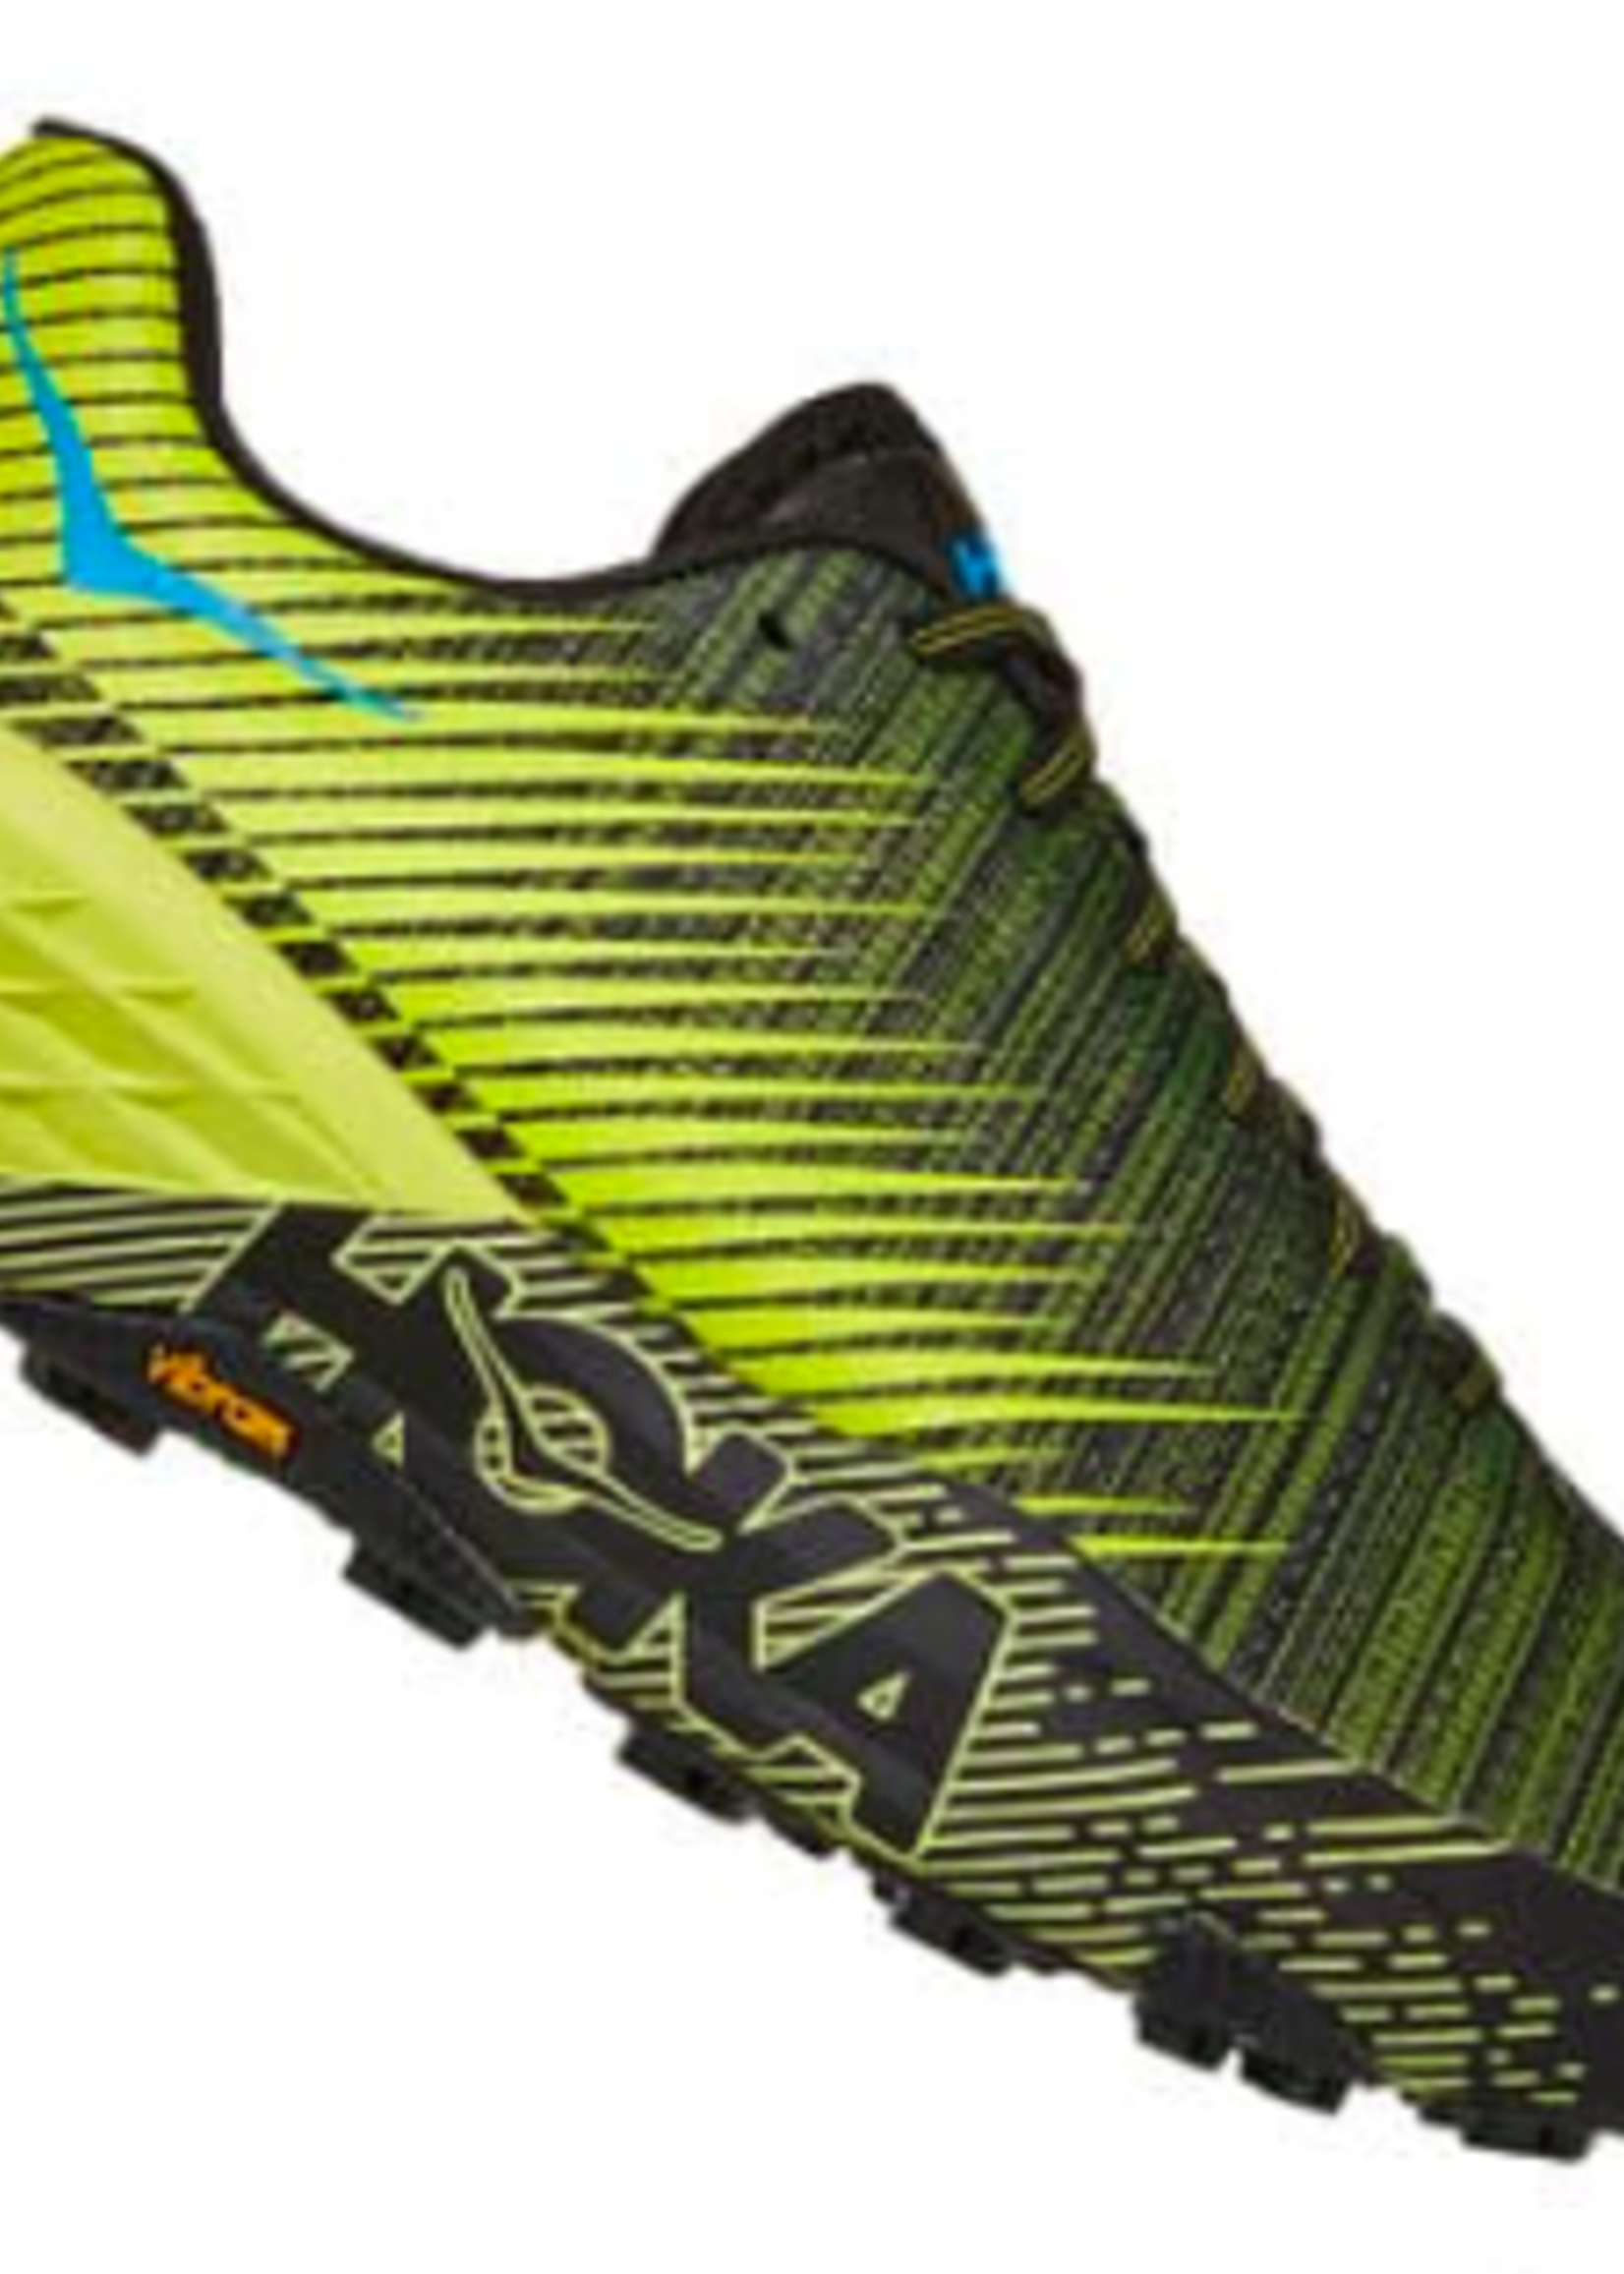 Hoka One One Hoka One One Evo Speedgoat Women's Trail Running Shoe